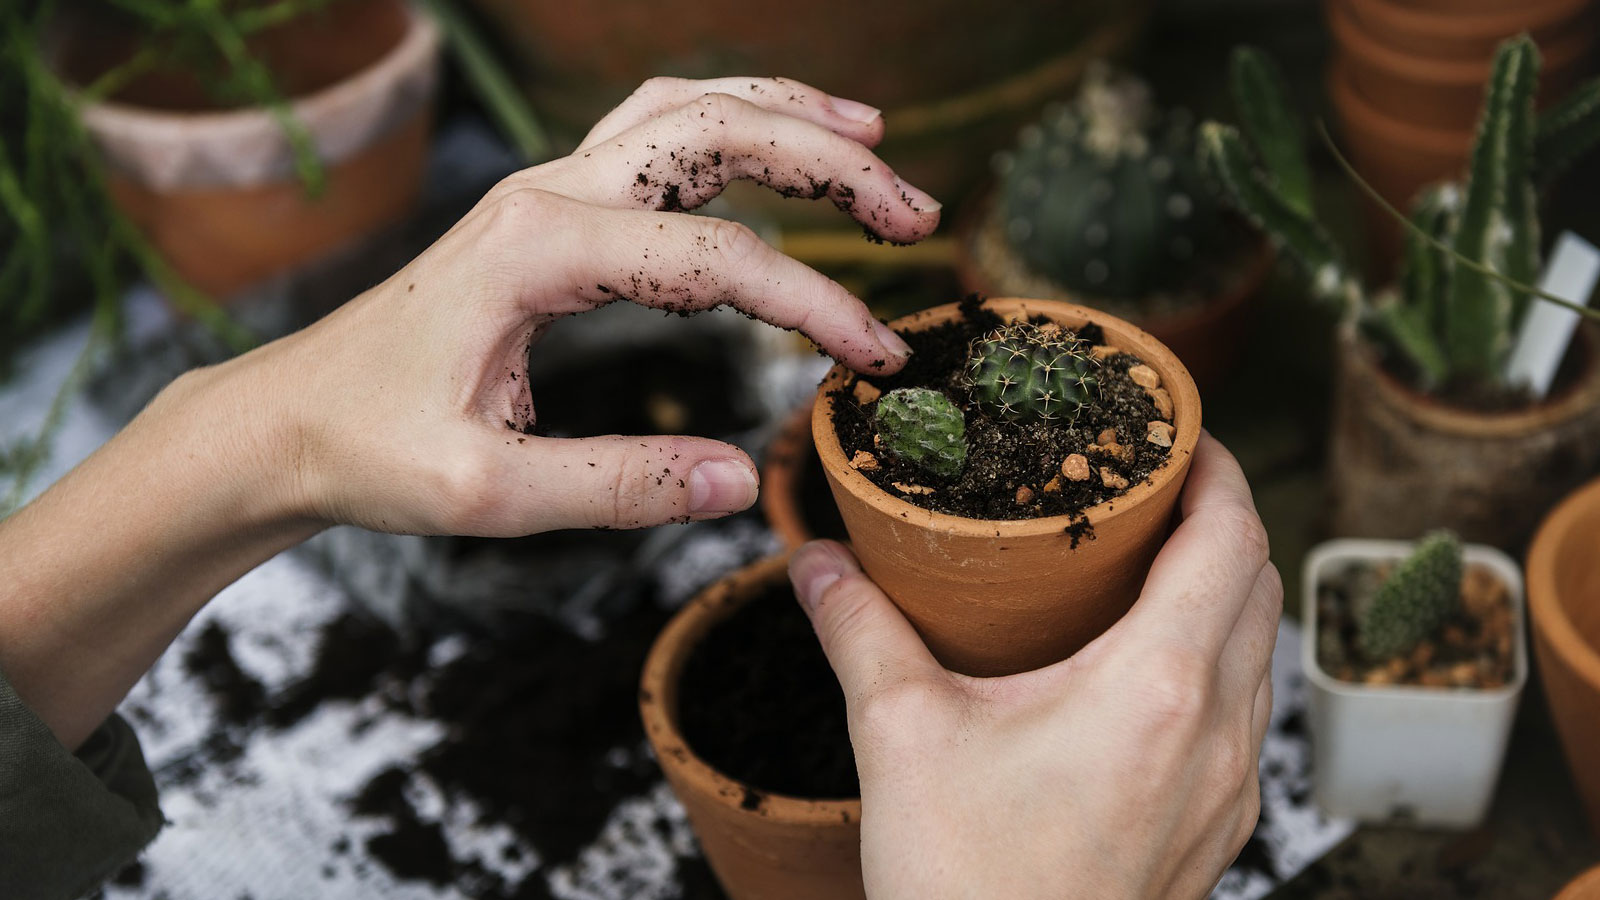 Un ejercicio que te ayuda a ti y al medio ambiente, la jardinería